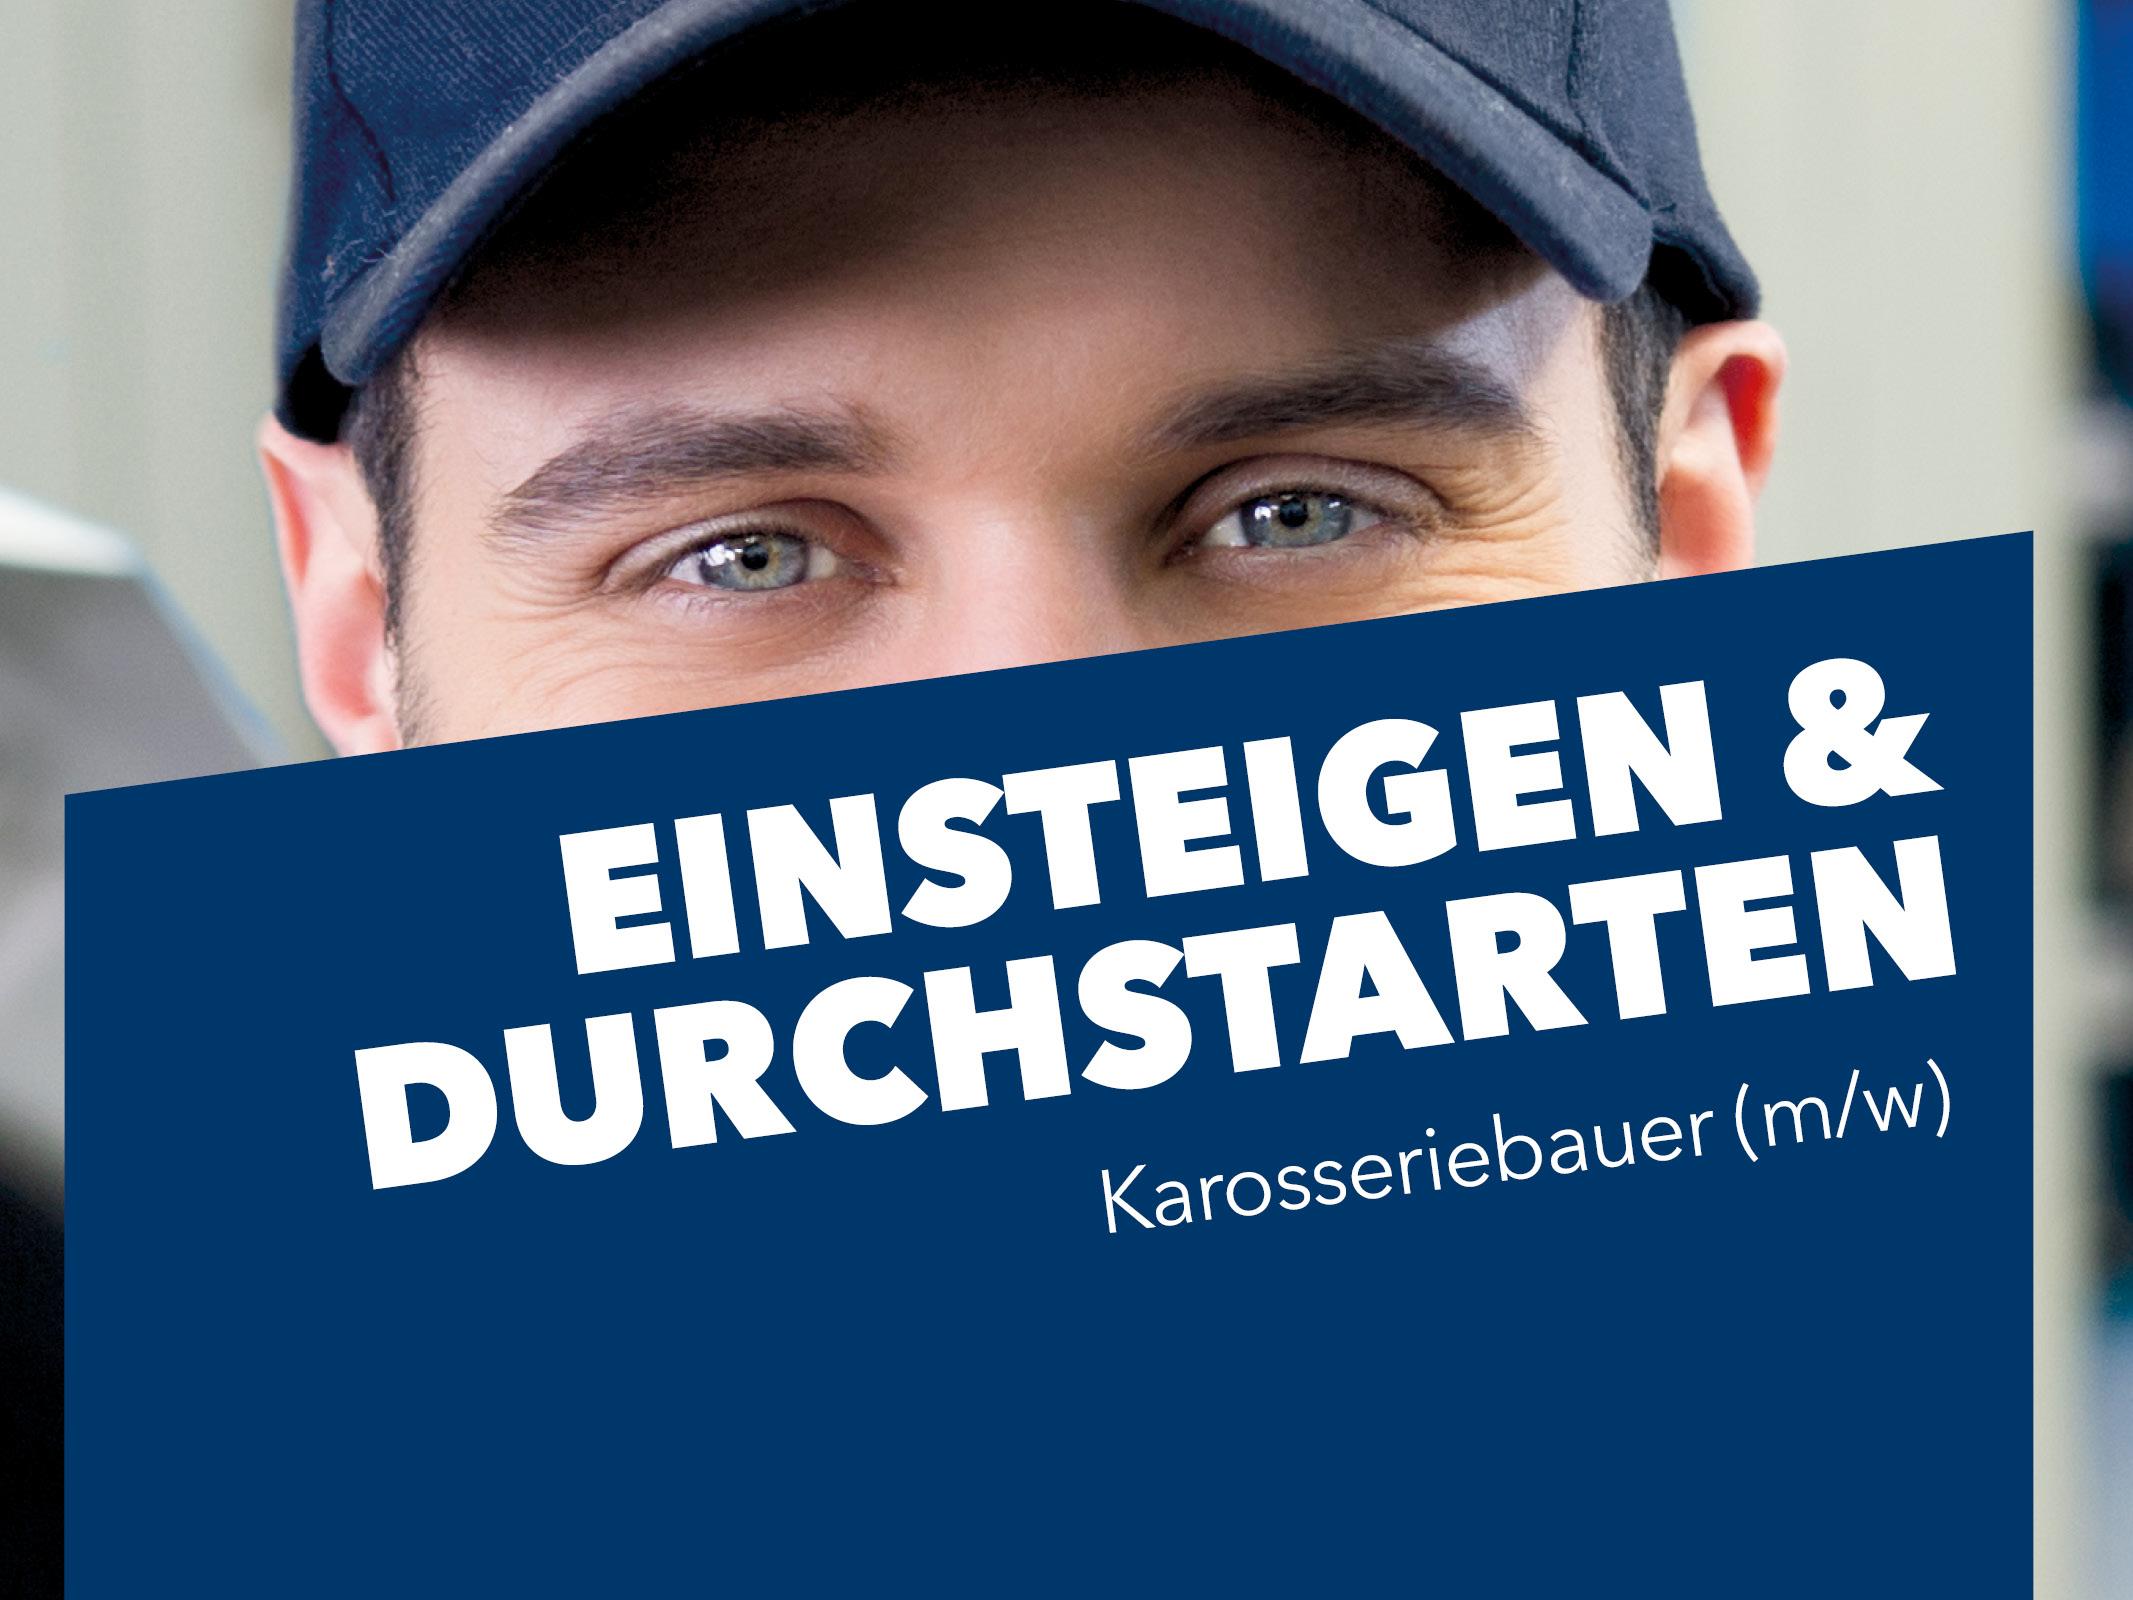 Karosseriebauer (m/w) in Miesbach